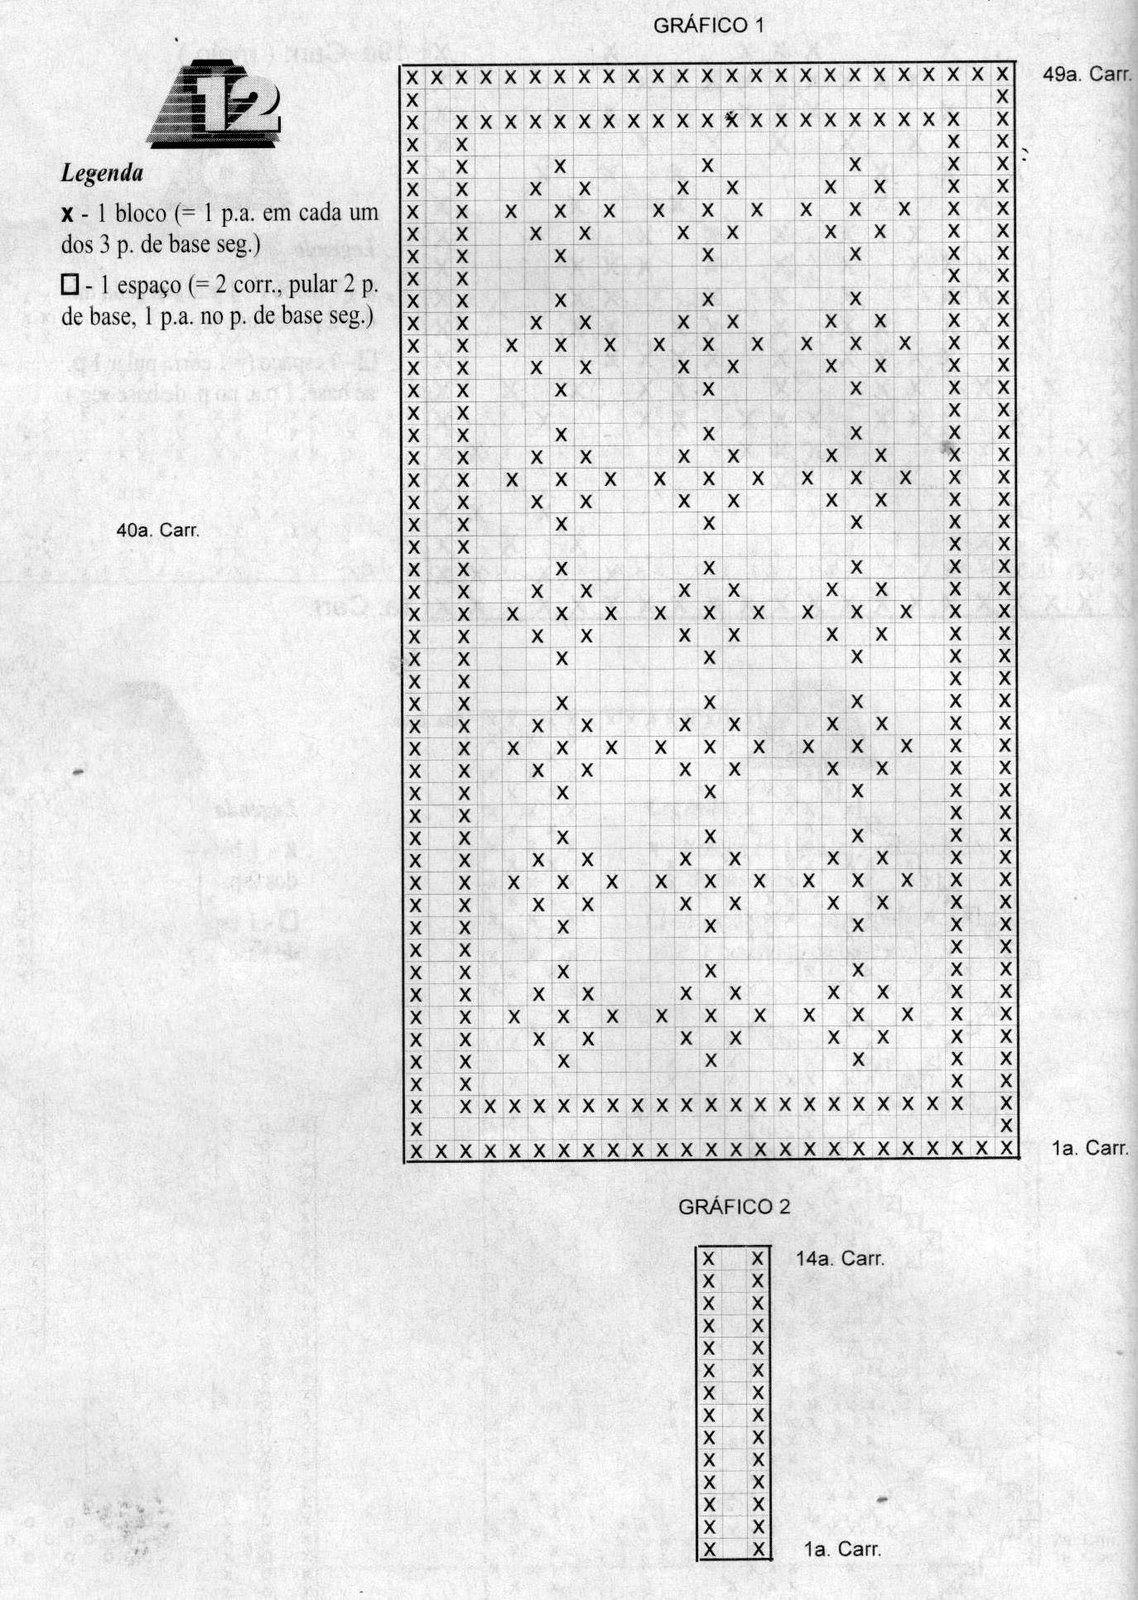 Jogo americano de croche retangular com grafico